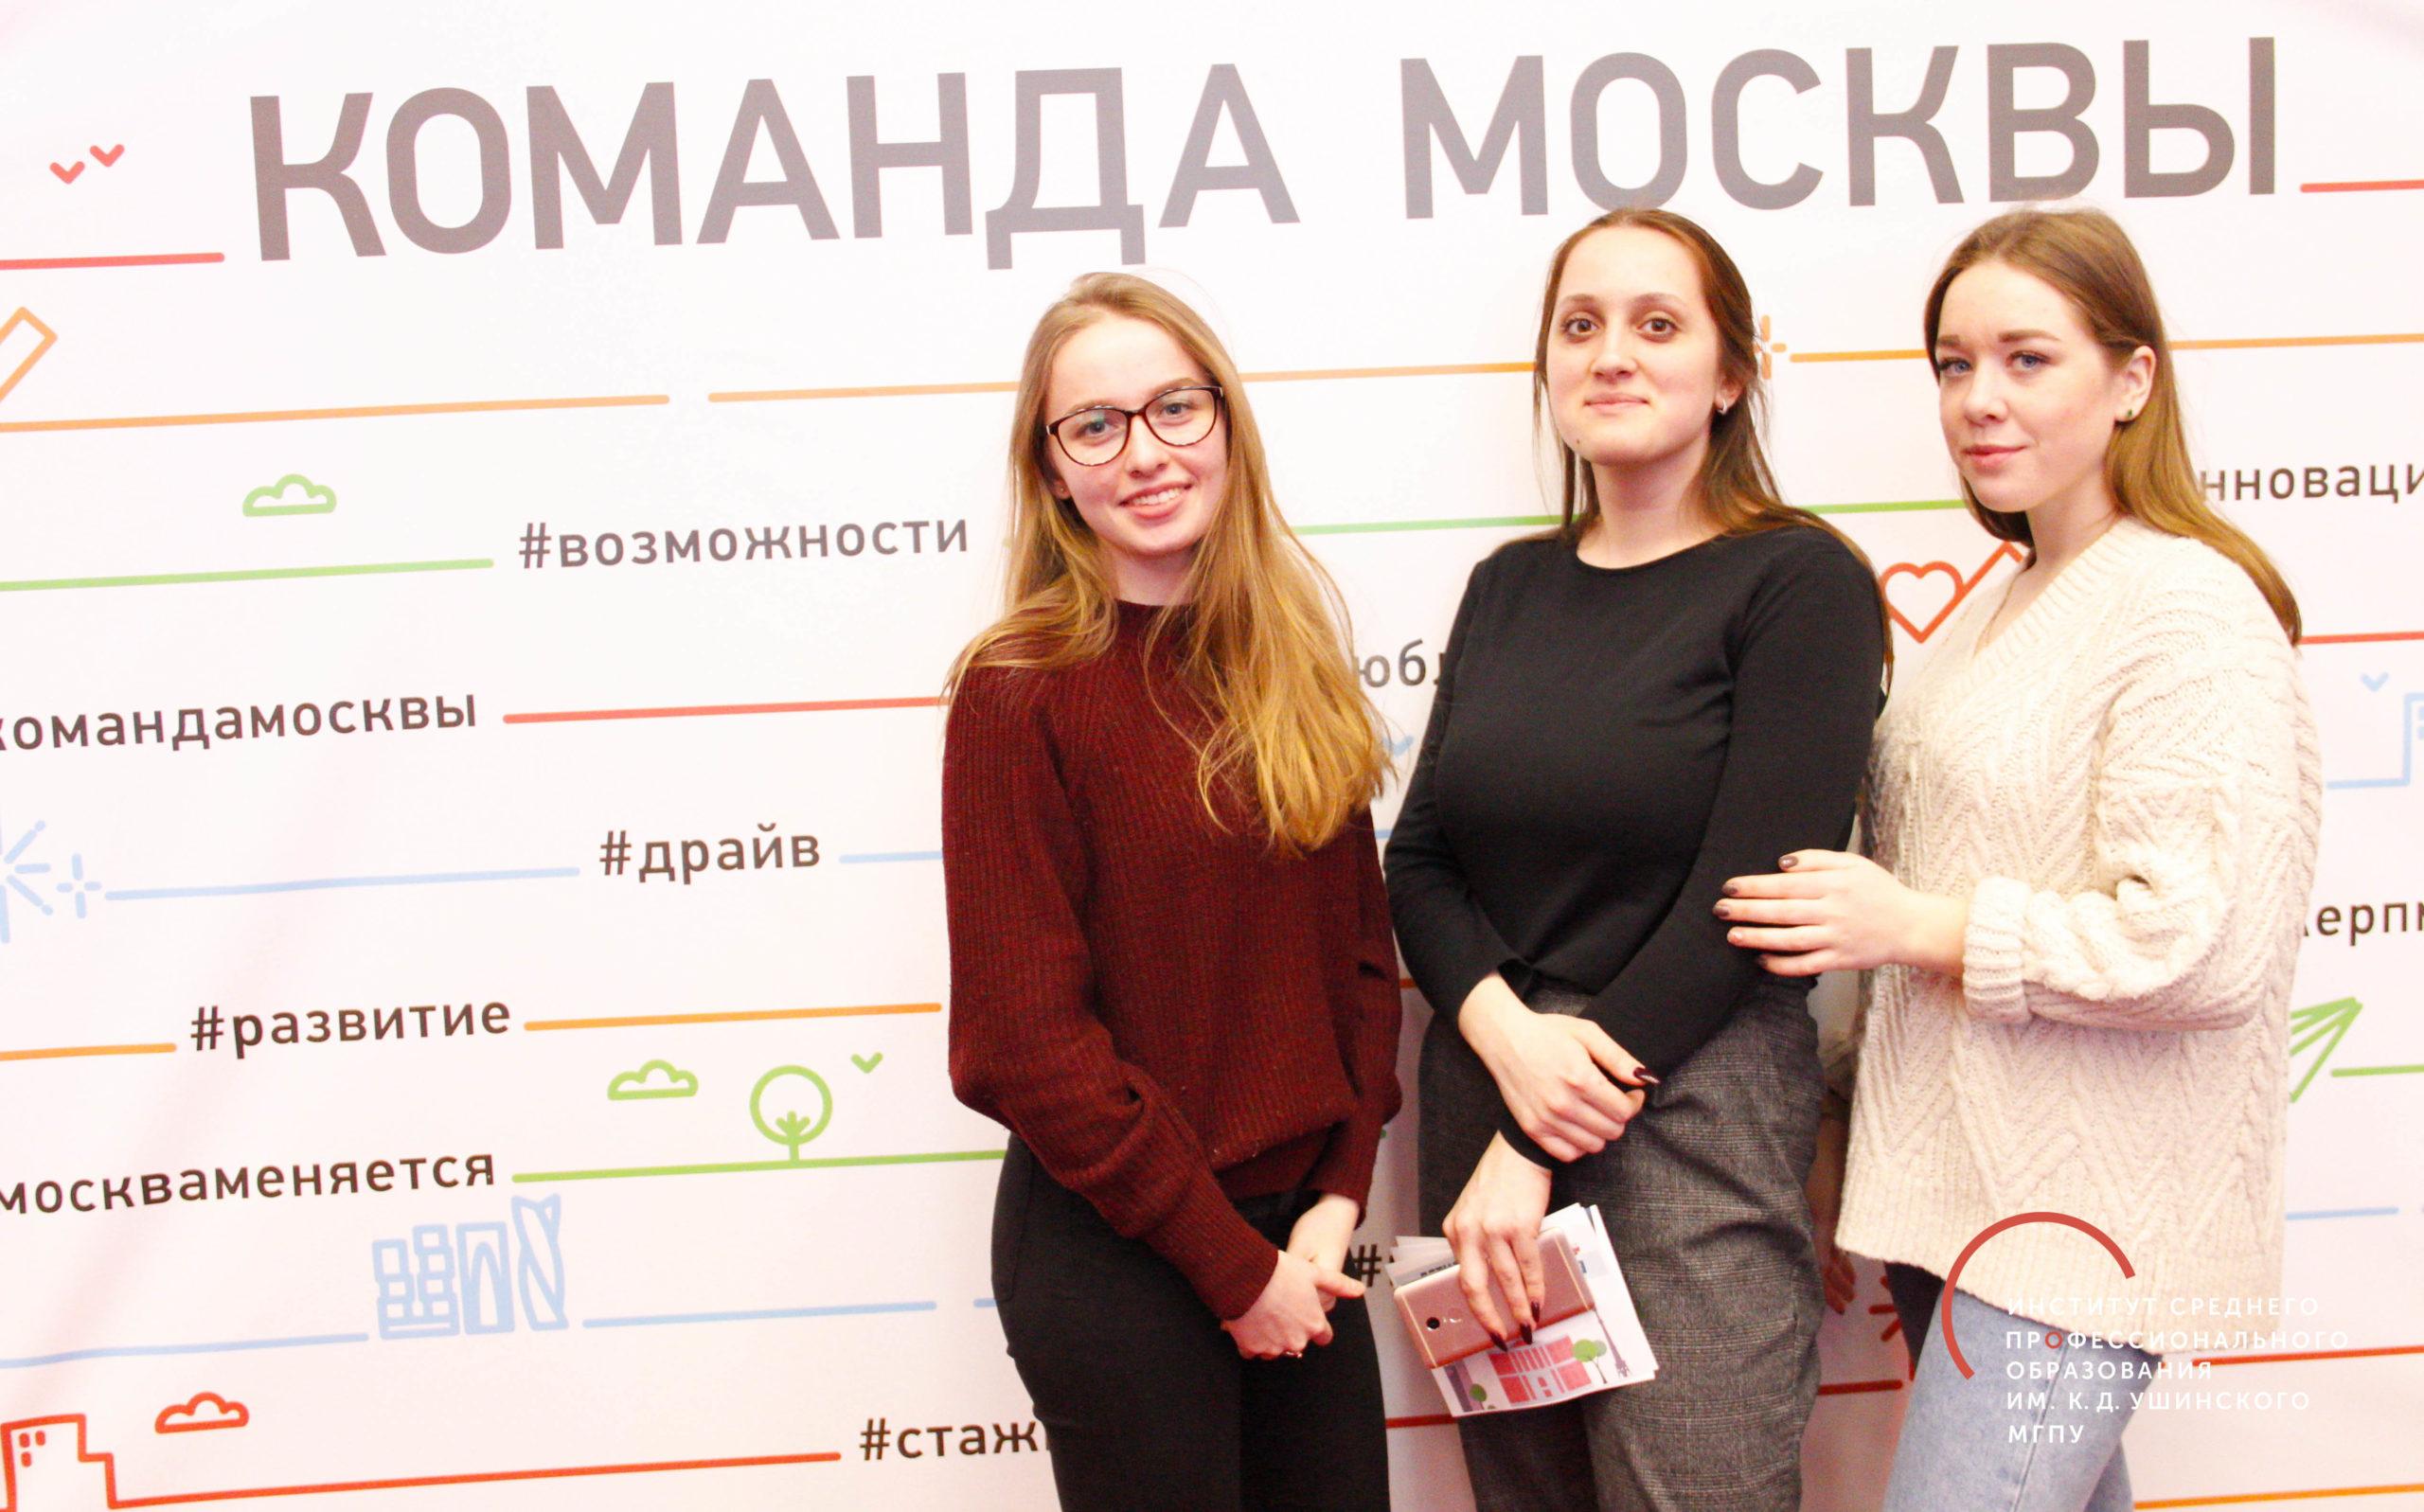 Встреча с«Командой Москвы»